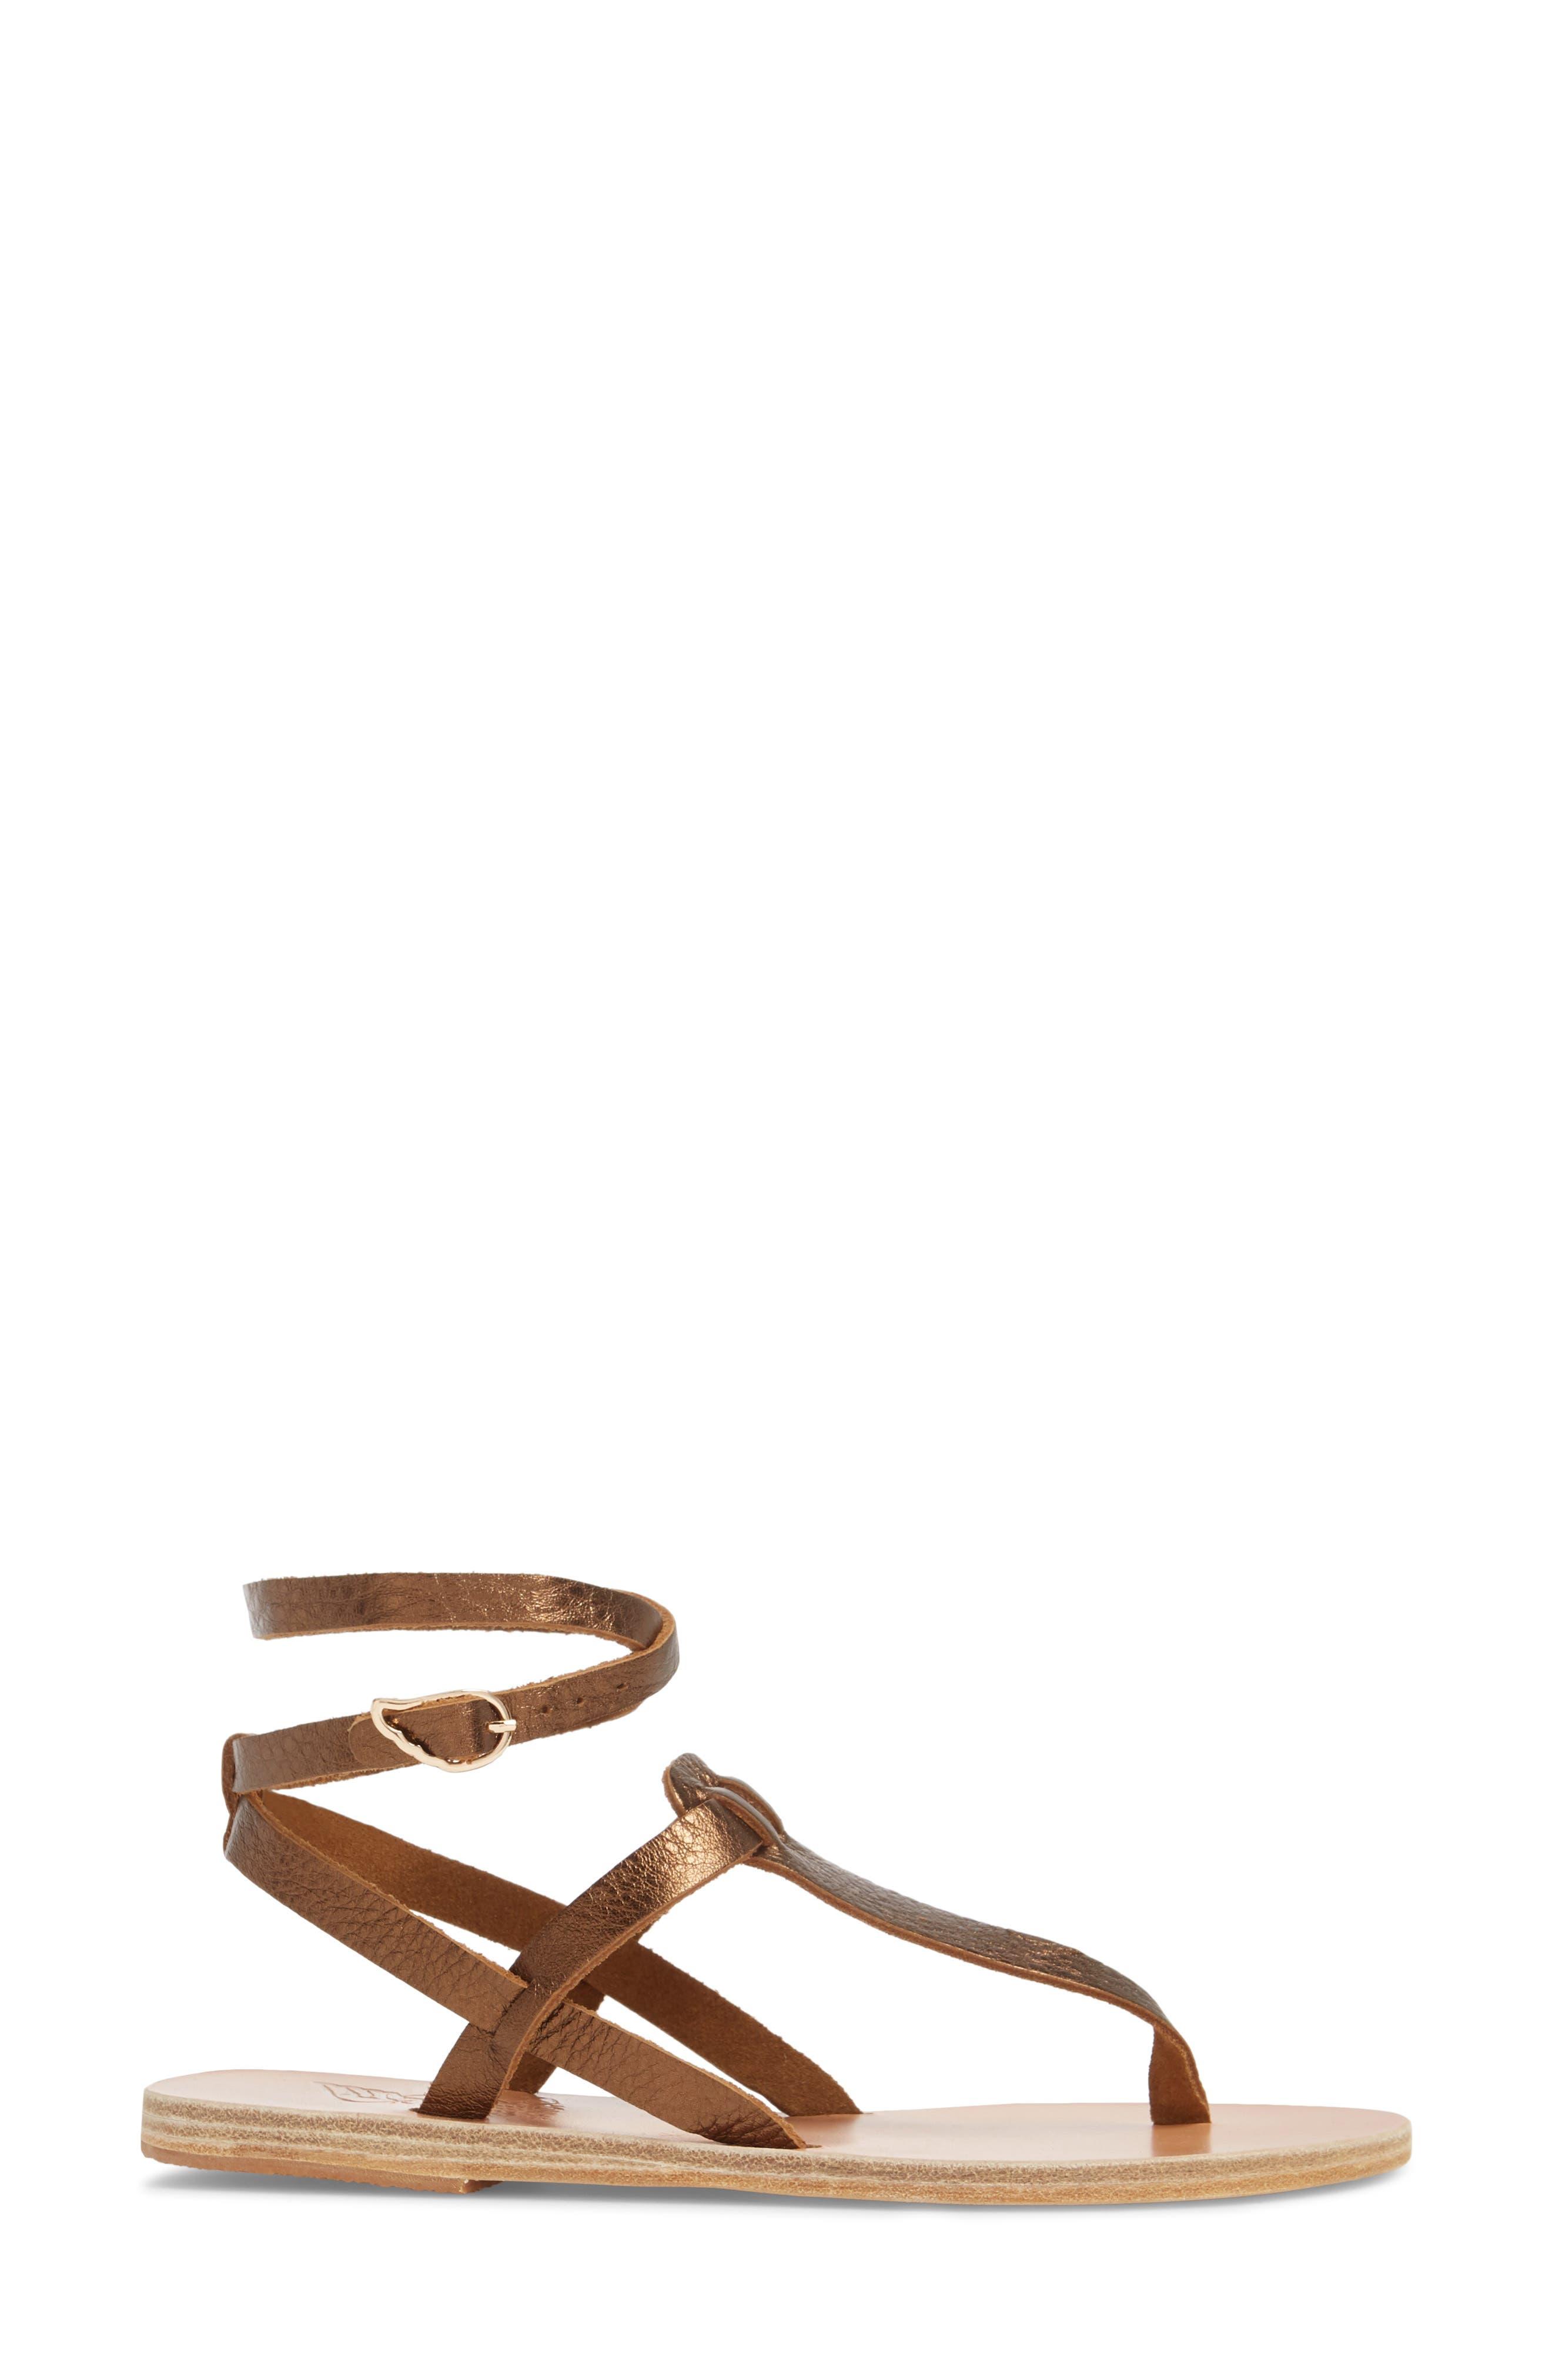 Estia Ankle Wrap Sandal,                             Alternate thumbnail 3, color,                             Bronze/ Cocco